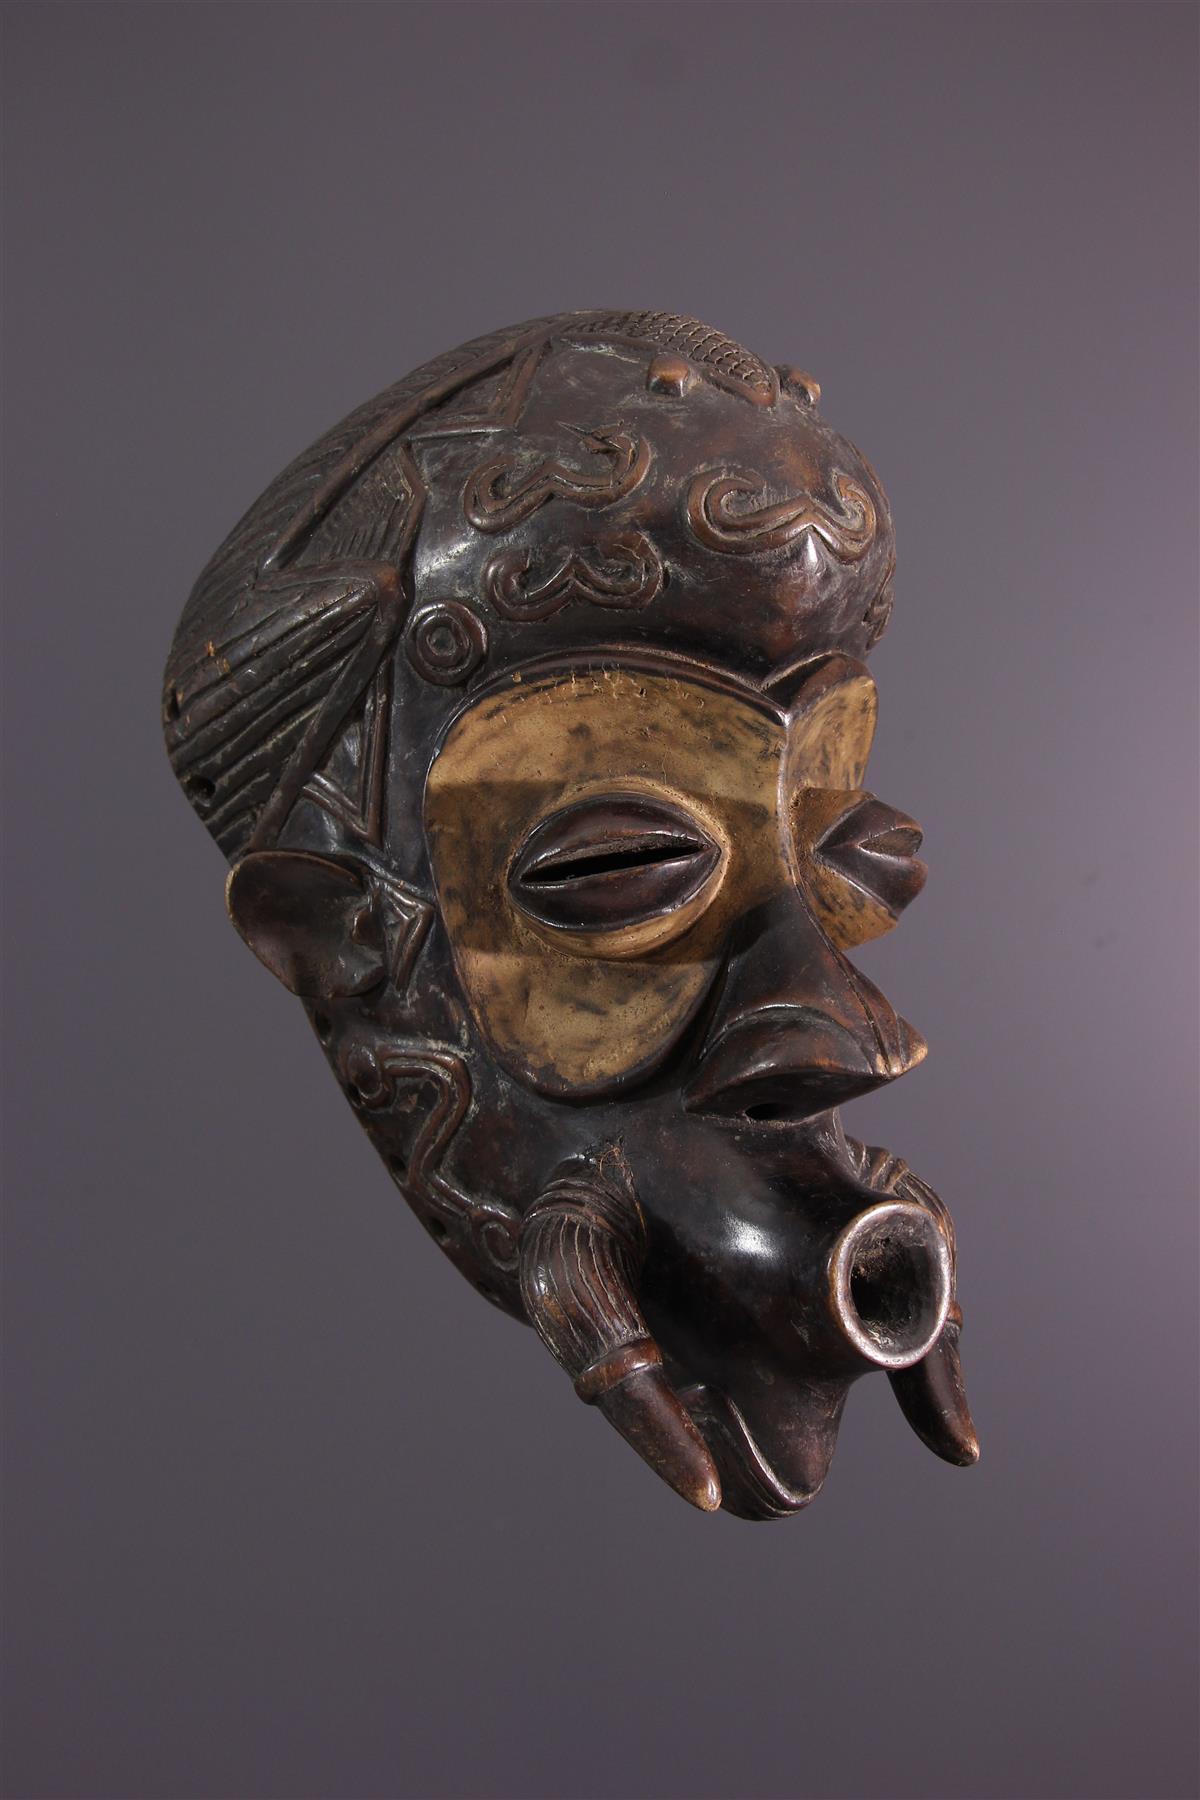 Masque Bena Lulua - Art africain